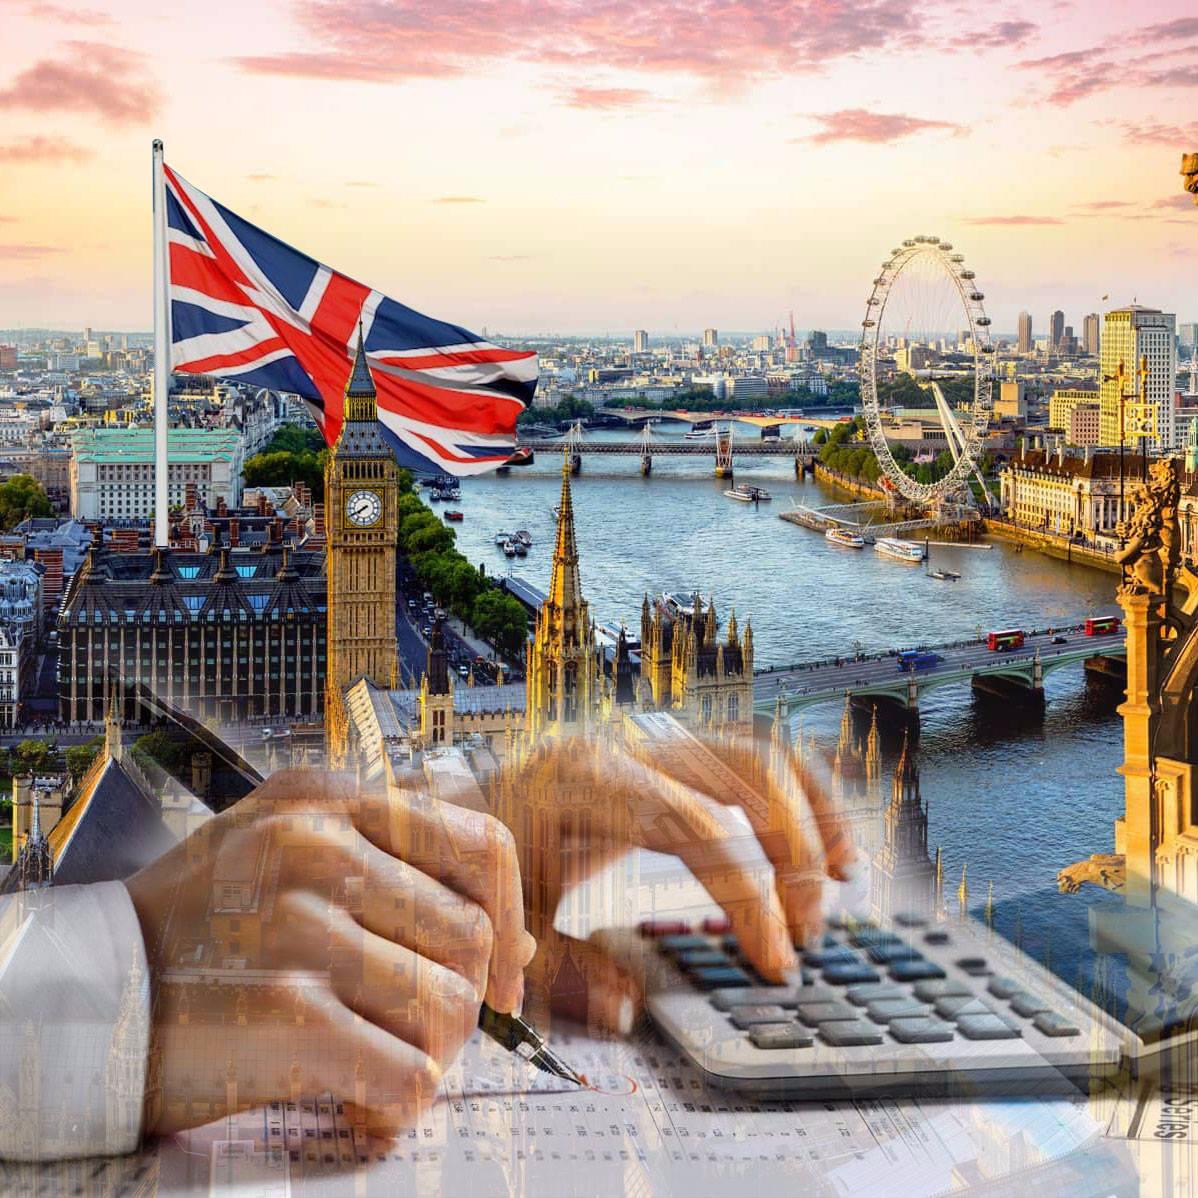 Оптимизация налогообложения в Великобритании: консультации от экспертов